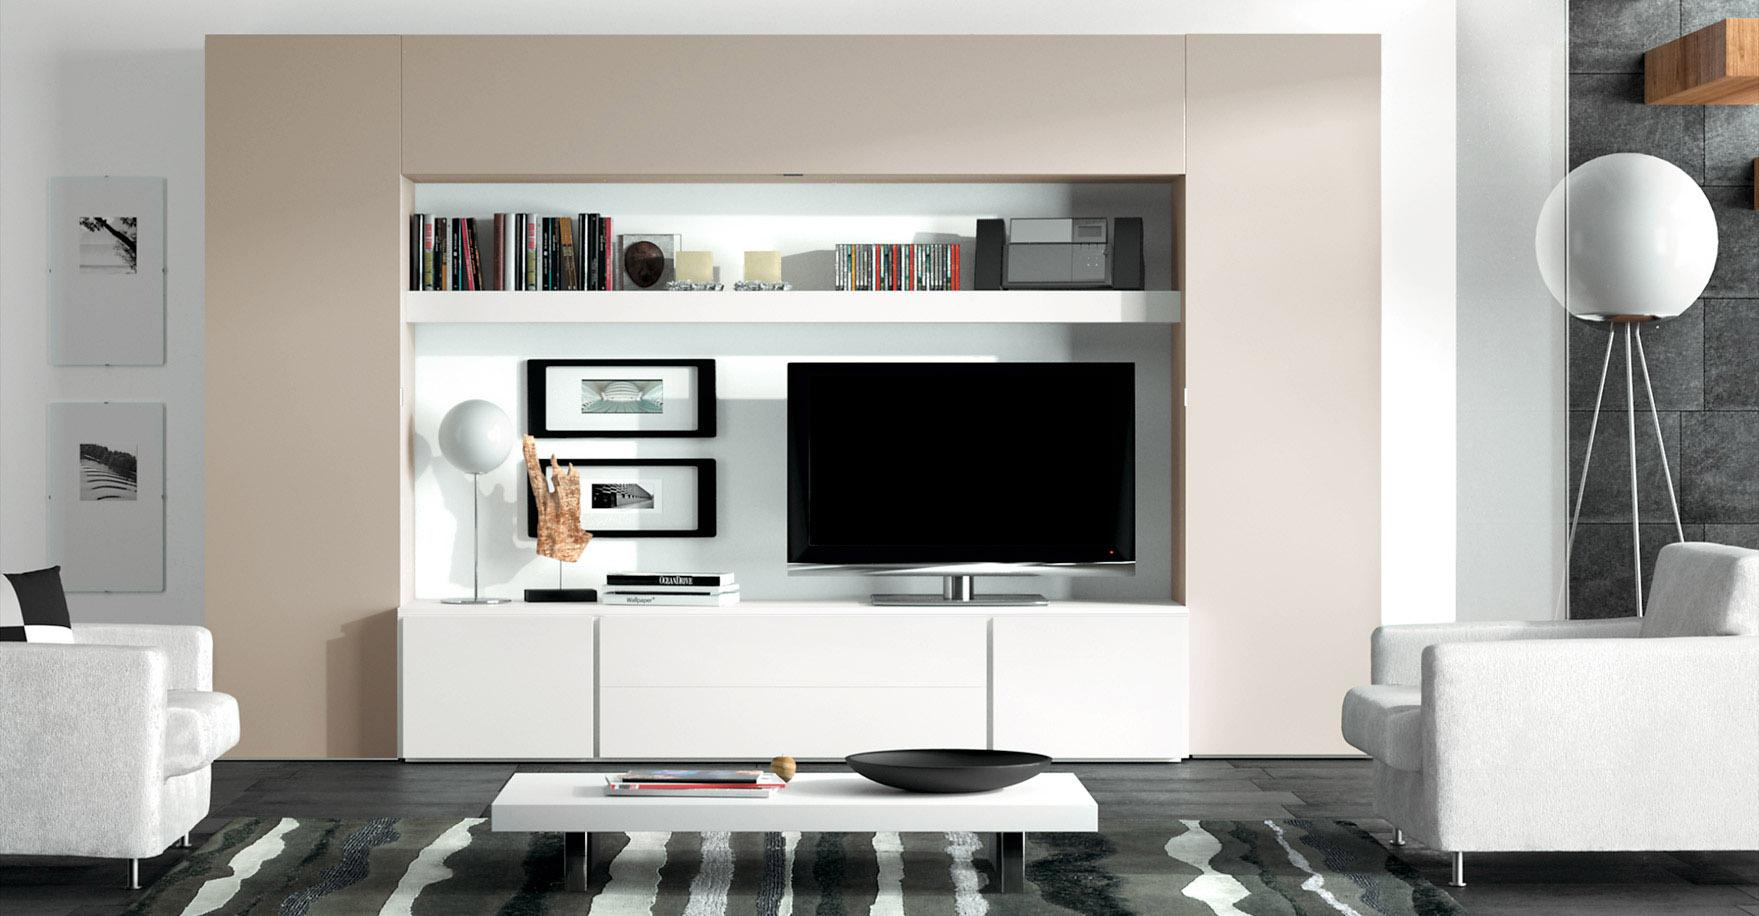 salones de estilo moderno (13)